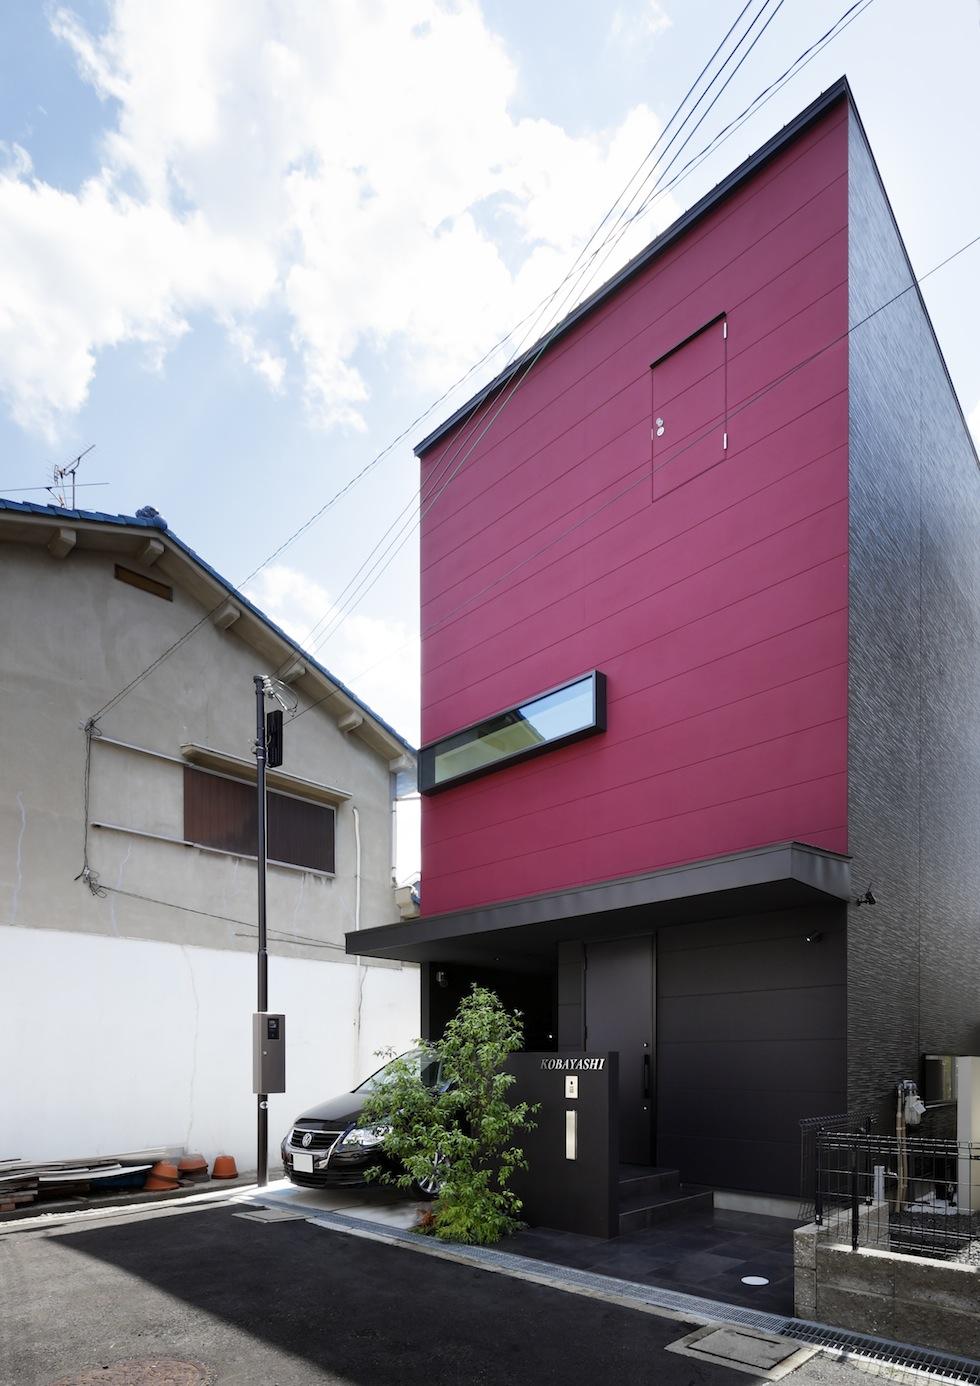 大阪,四條畷,建築家,設計事務所,住宅設計,高級注文住宅,木造3階建てデザイン,螺旋階段,外観デザイン,神戸